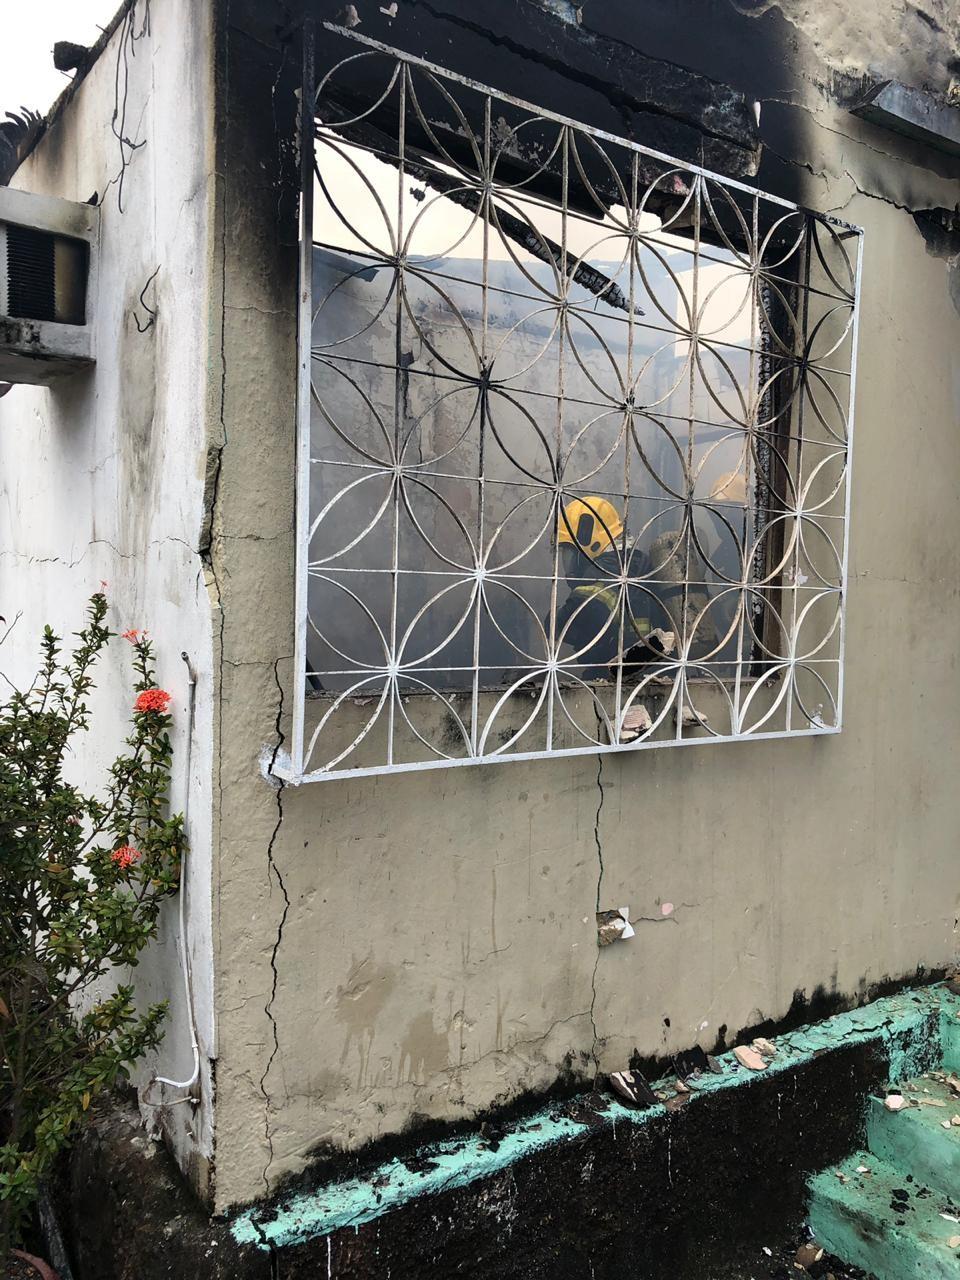 Incêndio provoca destruição em casa na Zona Centro-Sul de Manaus  - Notícias - Plantão Diário